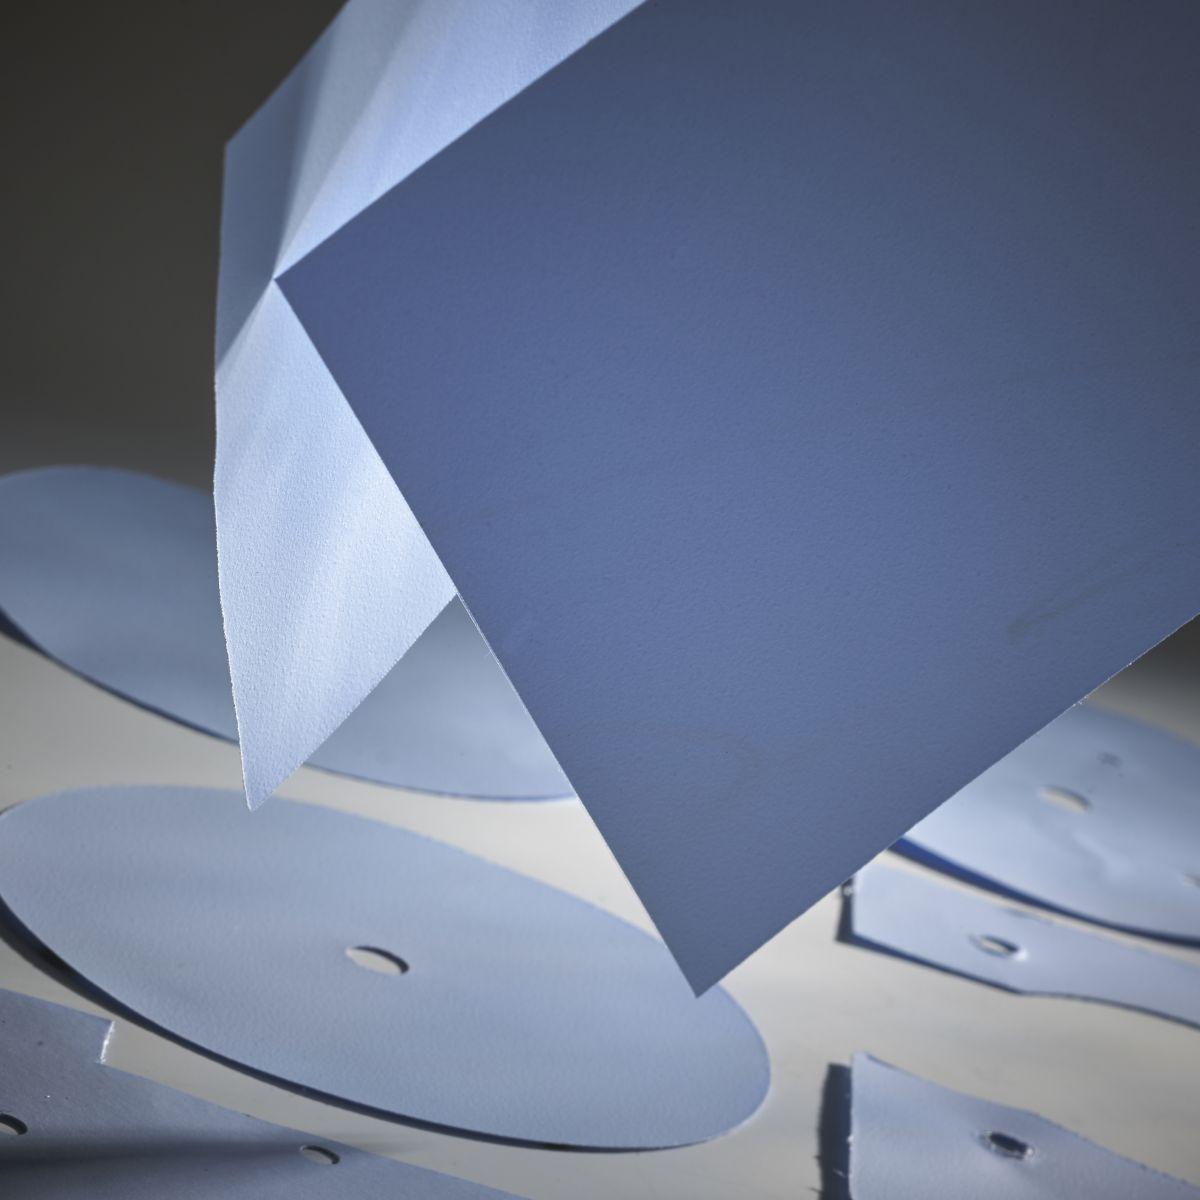 65 wmk blauwe siliconevrij electrisch isolerend warmtegeleidende folie